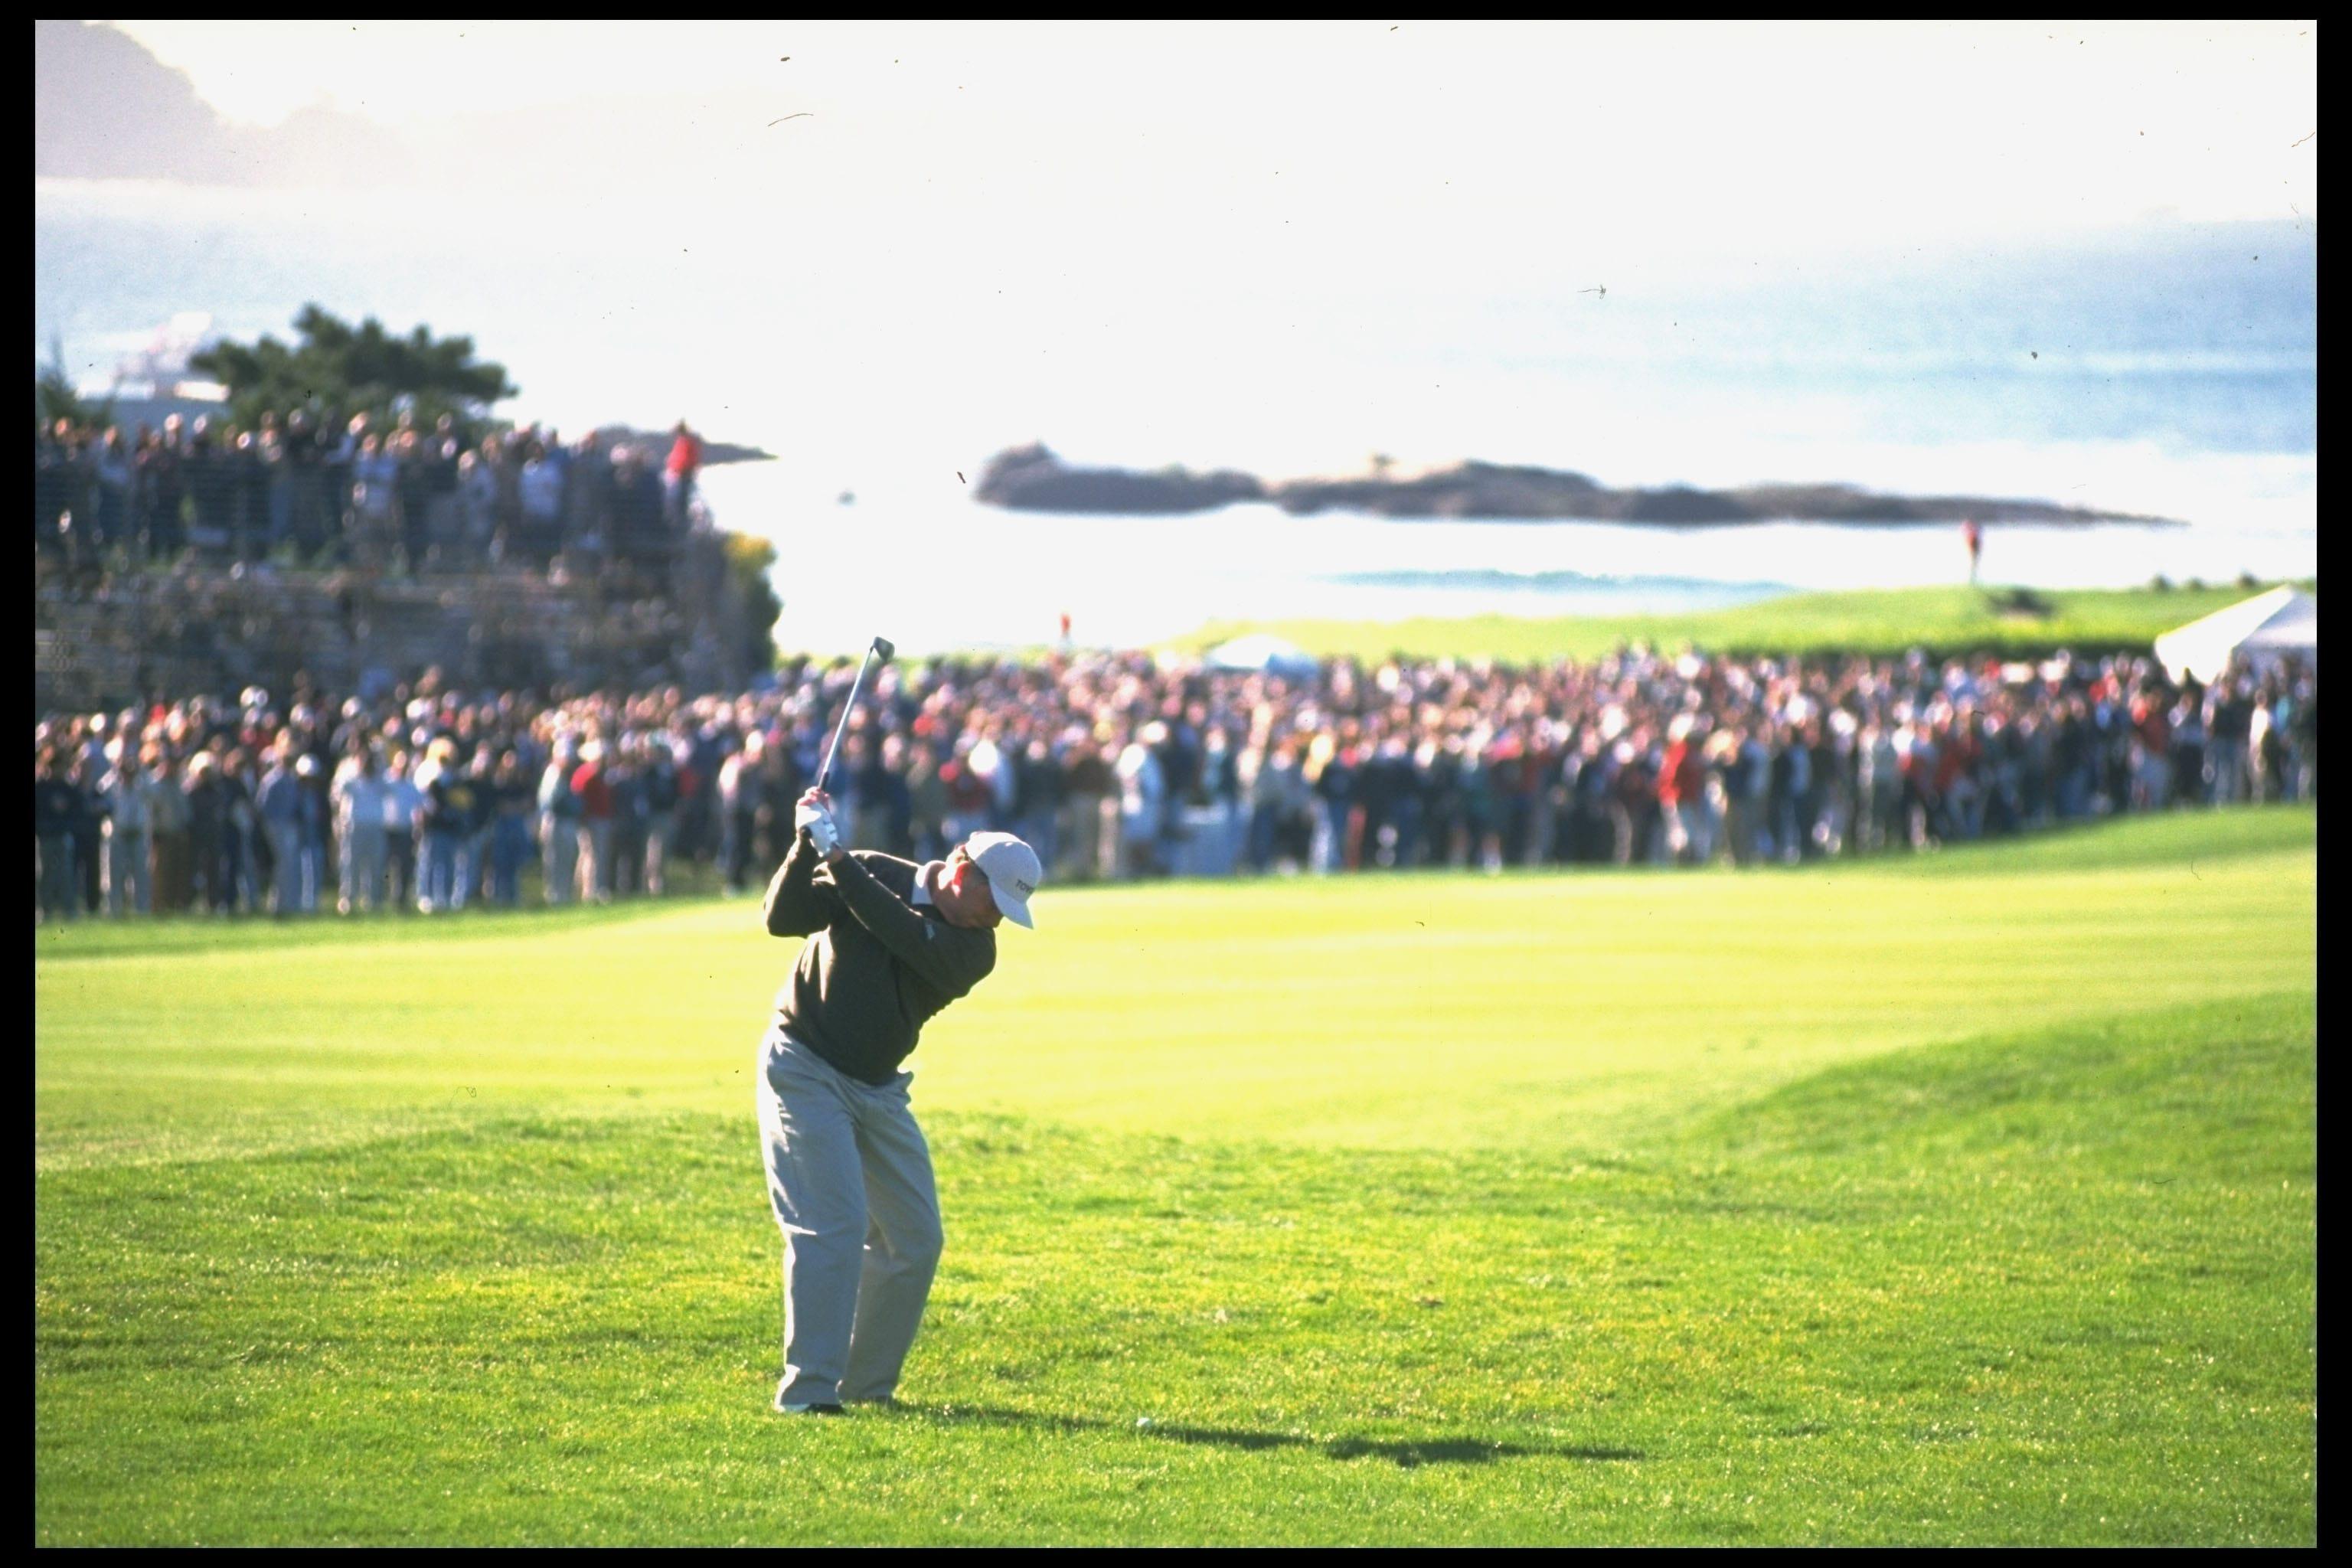 10. 1997: A fifth of O'Meara